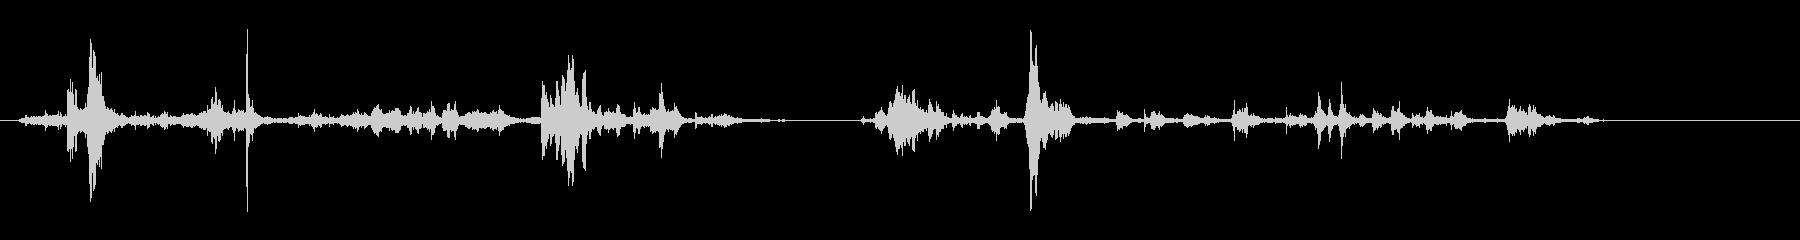 ファイト-子供-2バージョンの未再生の波形